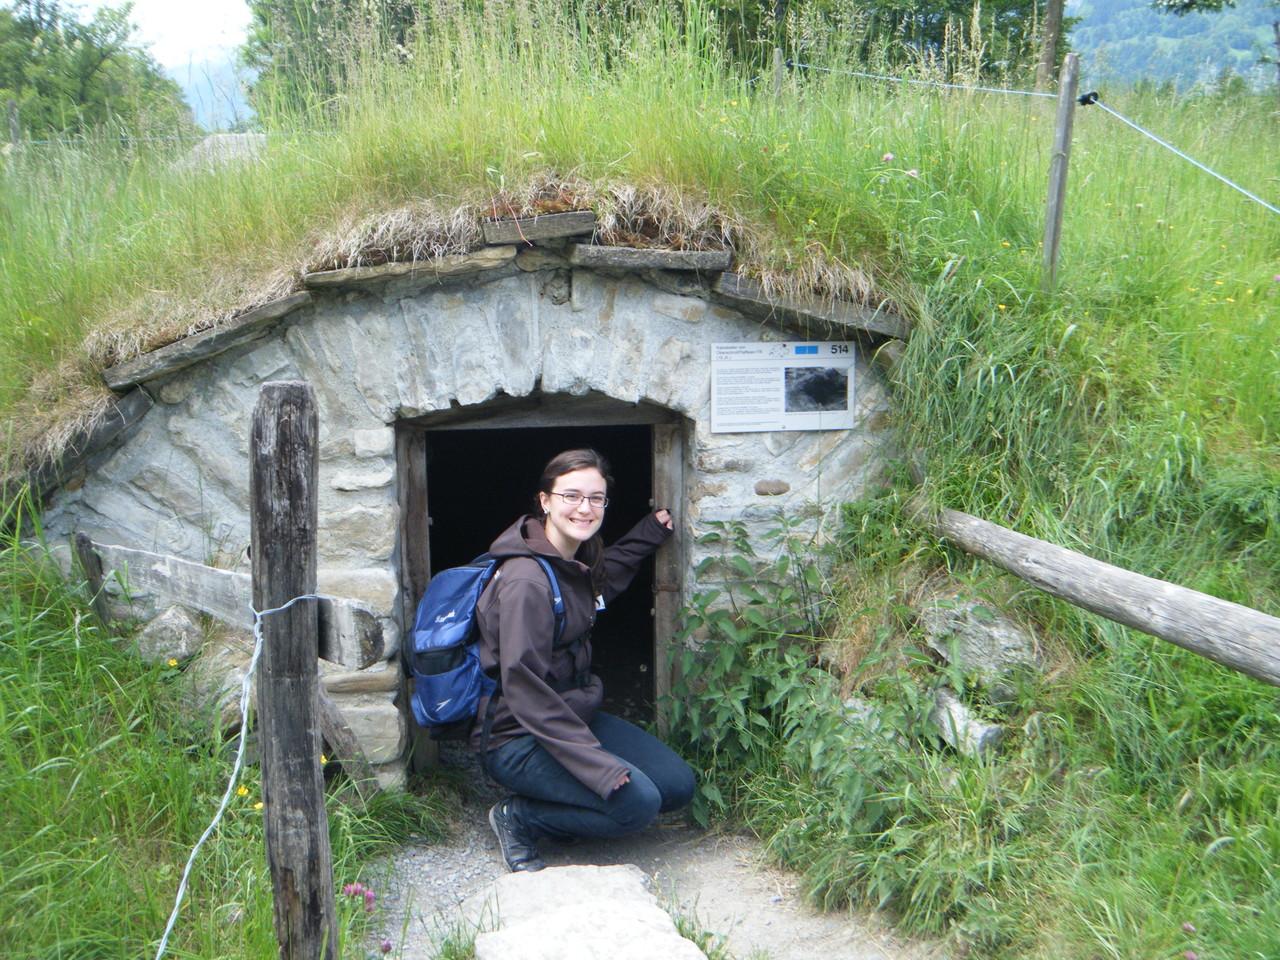 Une maison de hobbit?